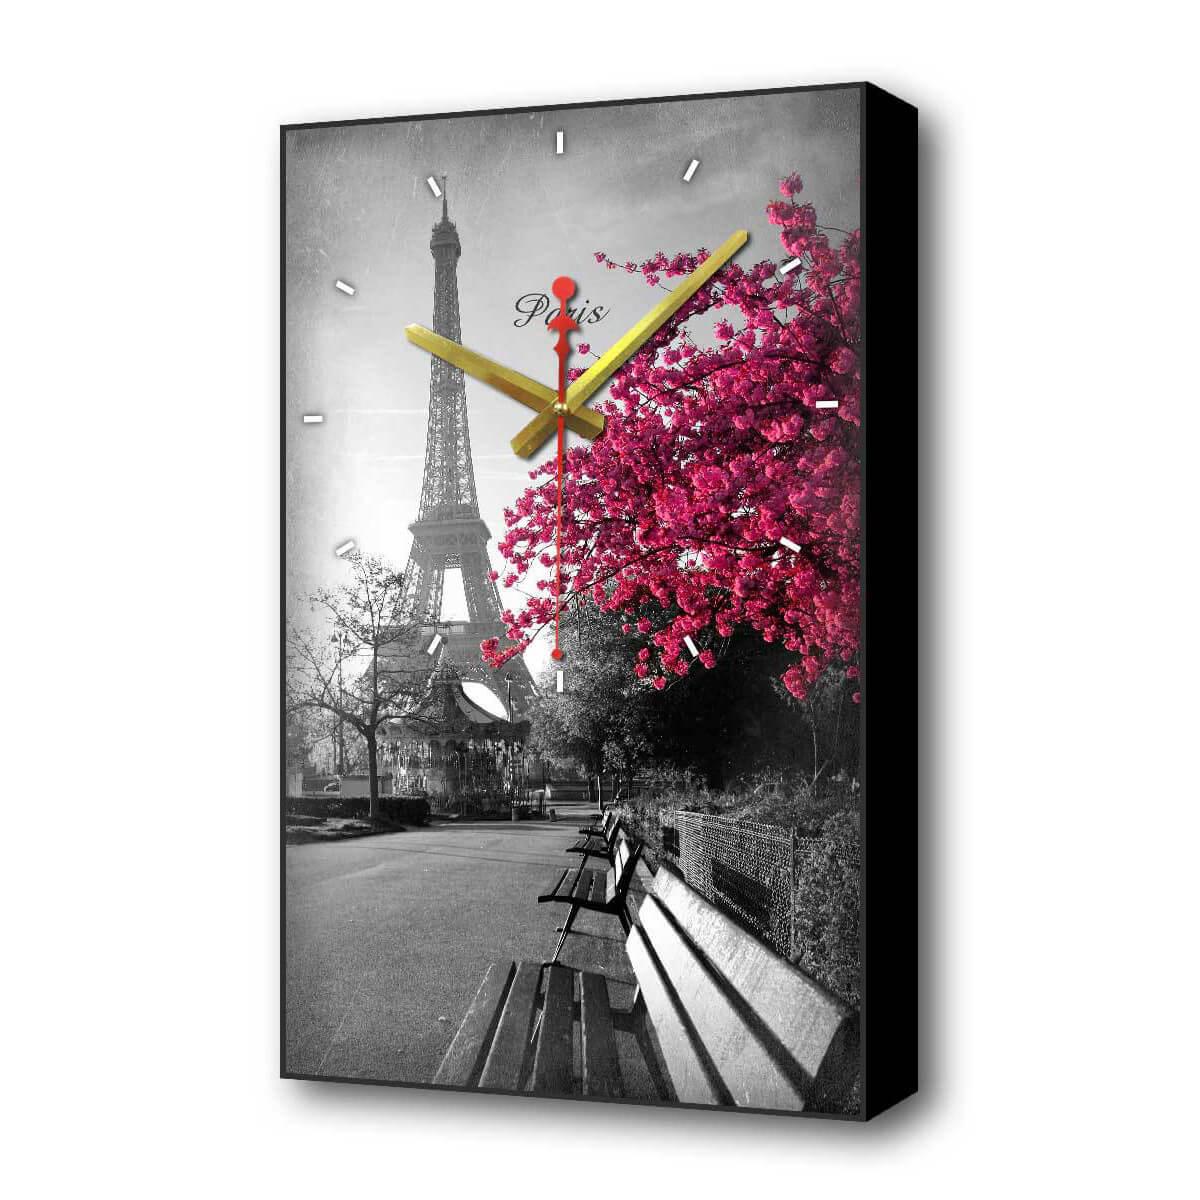 Настенные часы Осенний Париж Timebox Toplight 60х37х4см TL-C5015 все цены